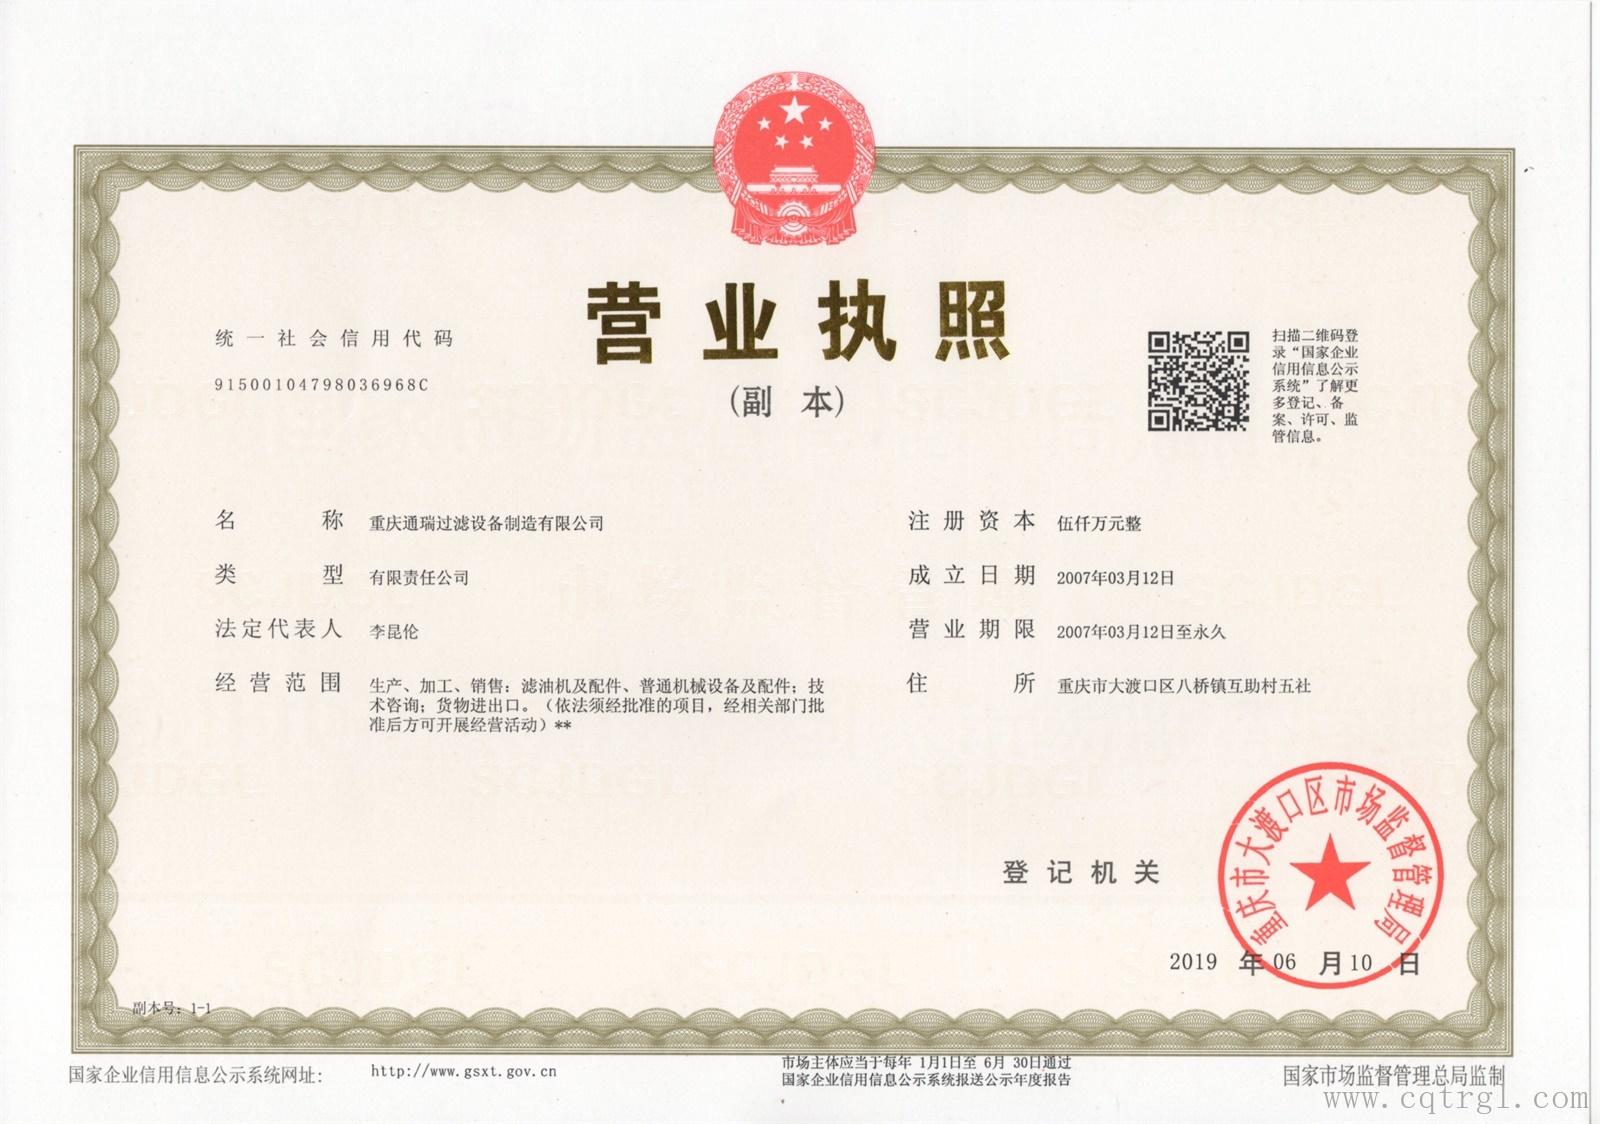 重庆通瑞营业执照